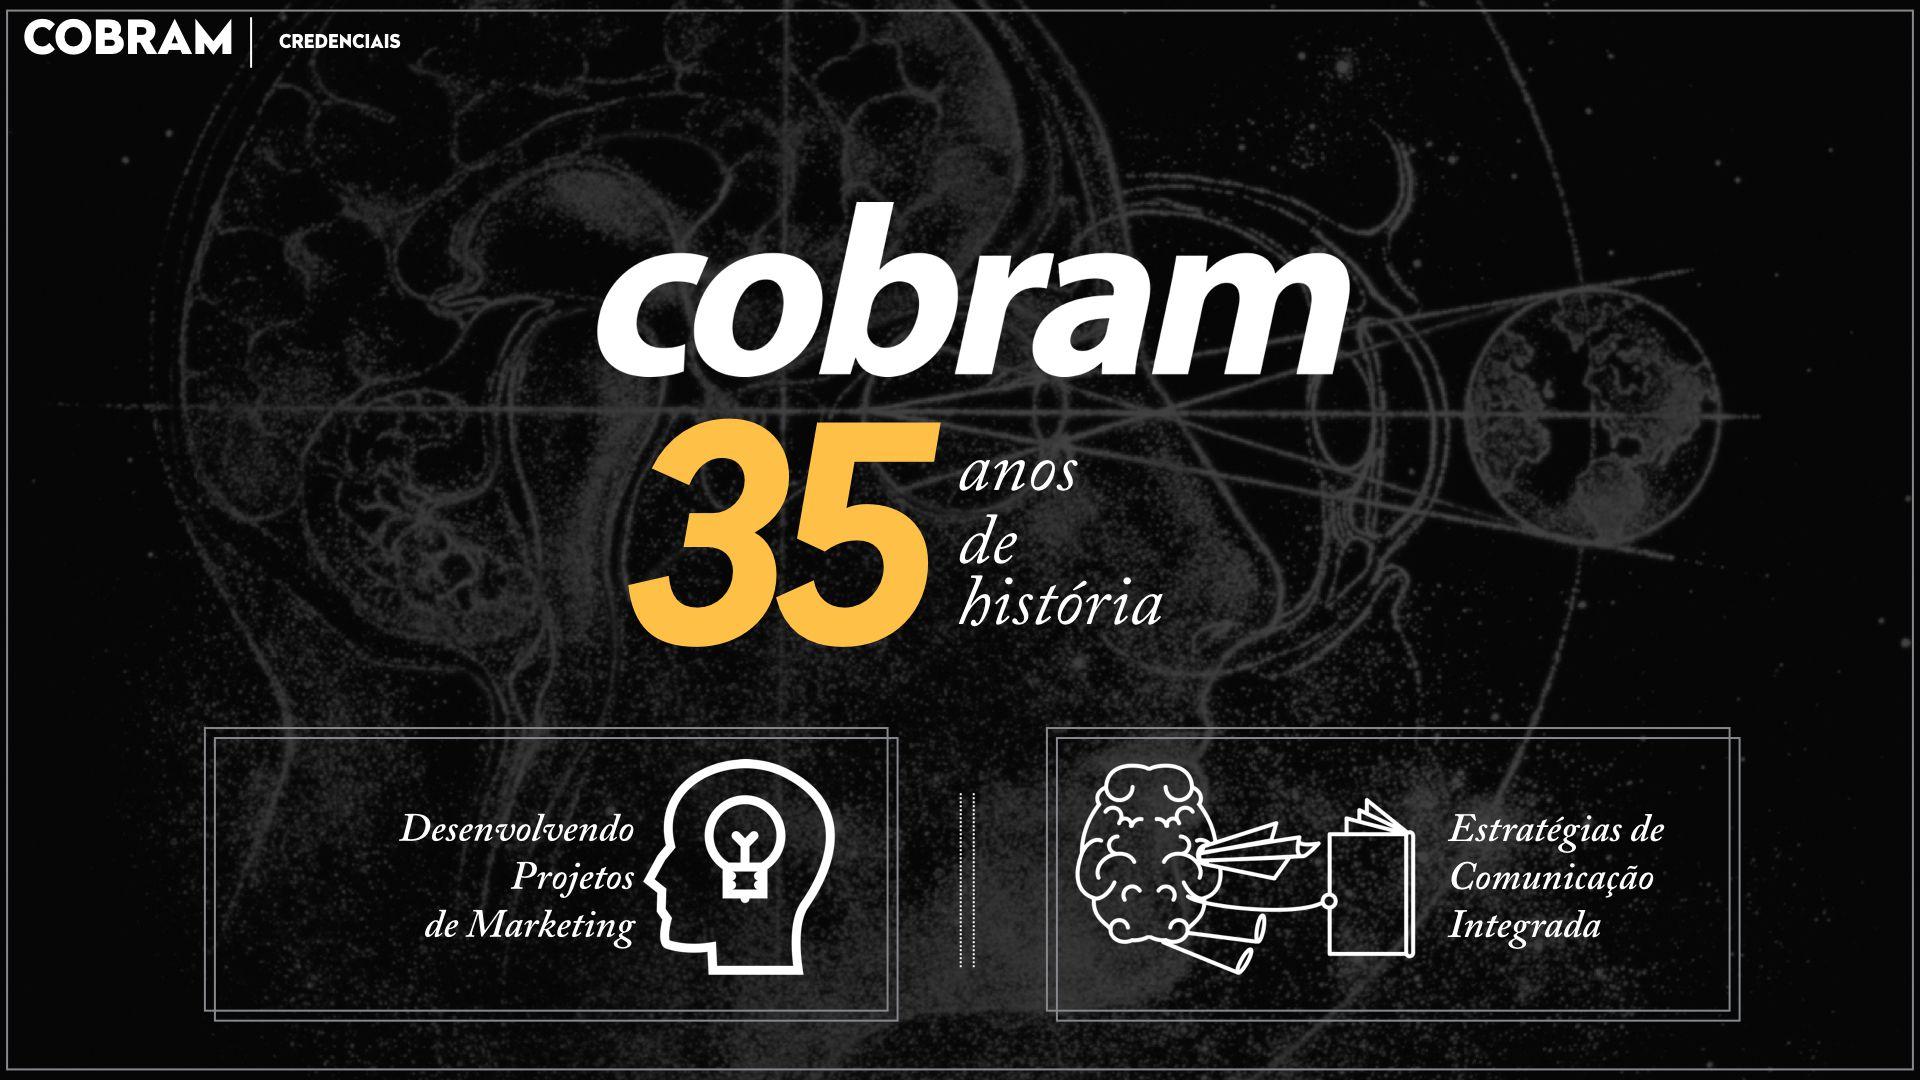 COBRAM_Credenciais_V4.002